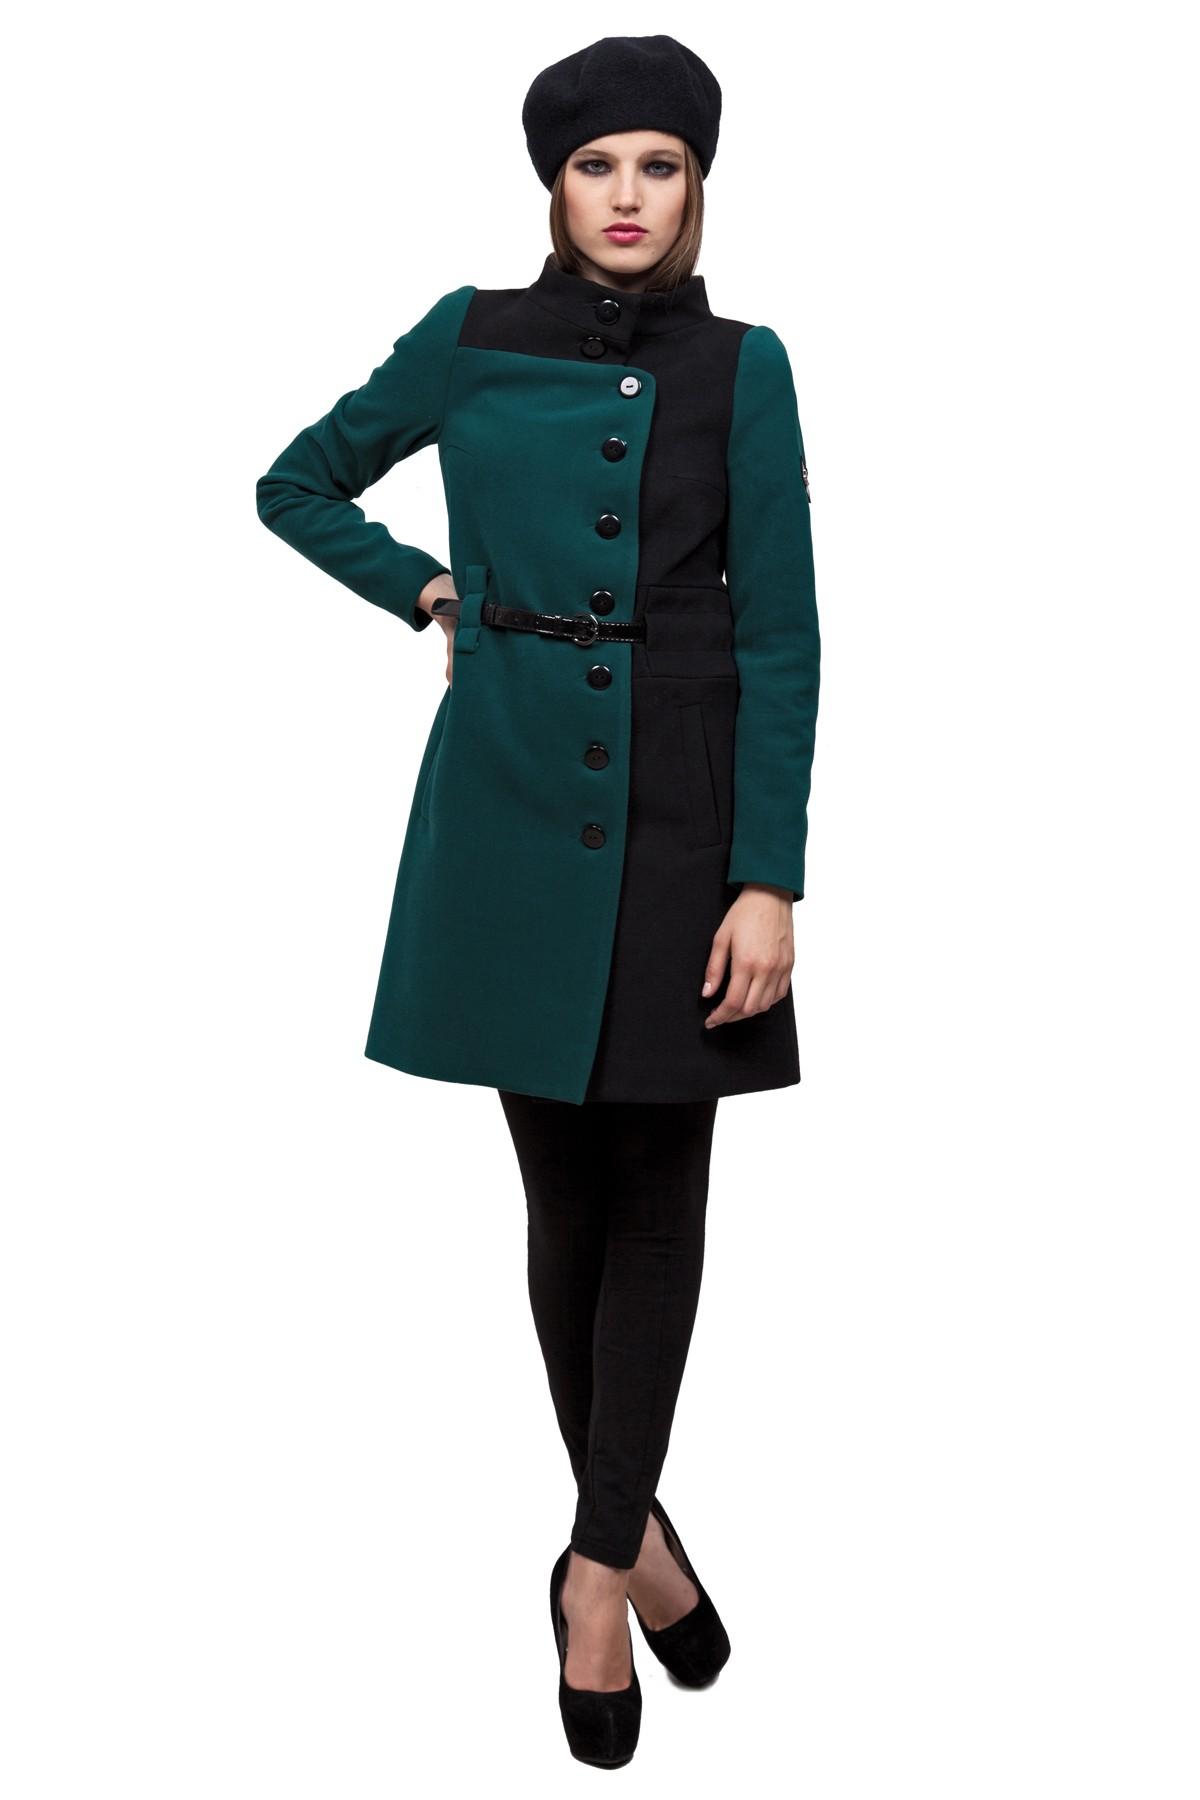 ПальтоЖенские куртки, плащи, пальто<br>Привлекательное пальто оригинального двухцветного дизайна несомненно согреет Вас в холодную погоду. Высокий воротник-стойка надежно защитит шею от ветра. Втачные карманы добавят тепла рукам. Позвольте себе выглядеть стильно, дополнив гардероб этим одеяние<br><br>Цвет: зеленый,черный<br>Состав: ткань1-80%полиэстер, 18%вискоза, 2%спандекс, ткань2 - 100% полиэстер,подкладка -100%полиэстер<br>Размер: 42,44,46,48,50<br>Страна дизайна: Россия<br>Страна производства: Россия